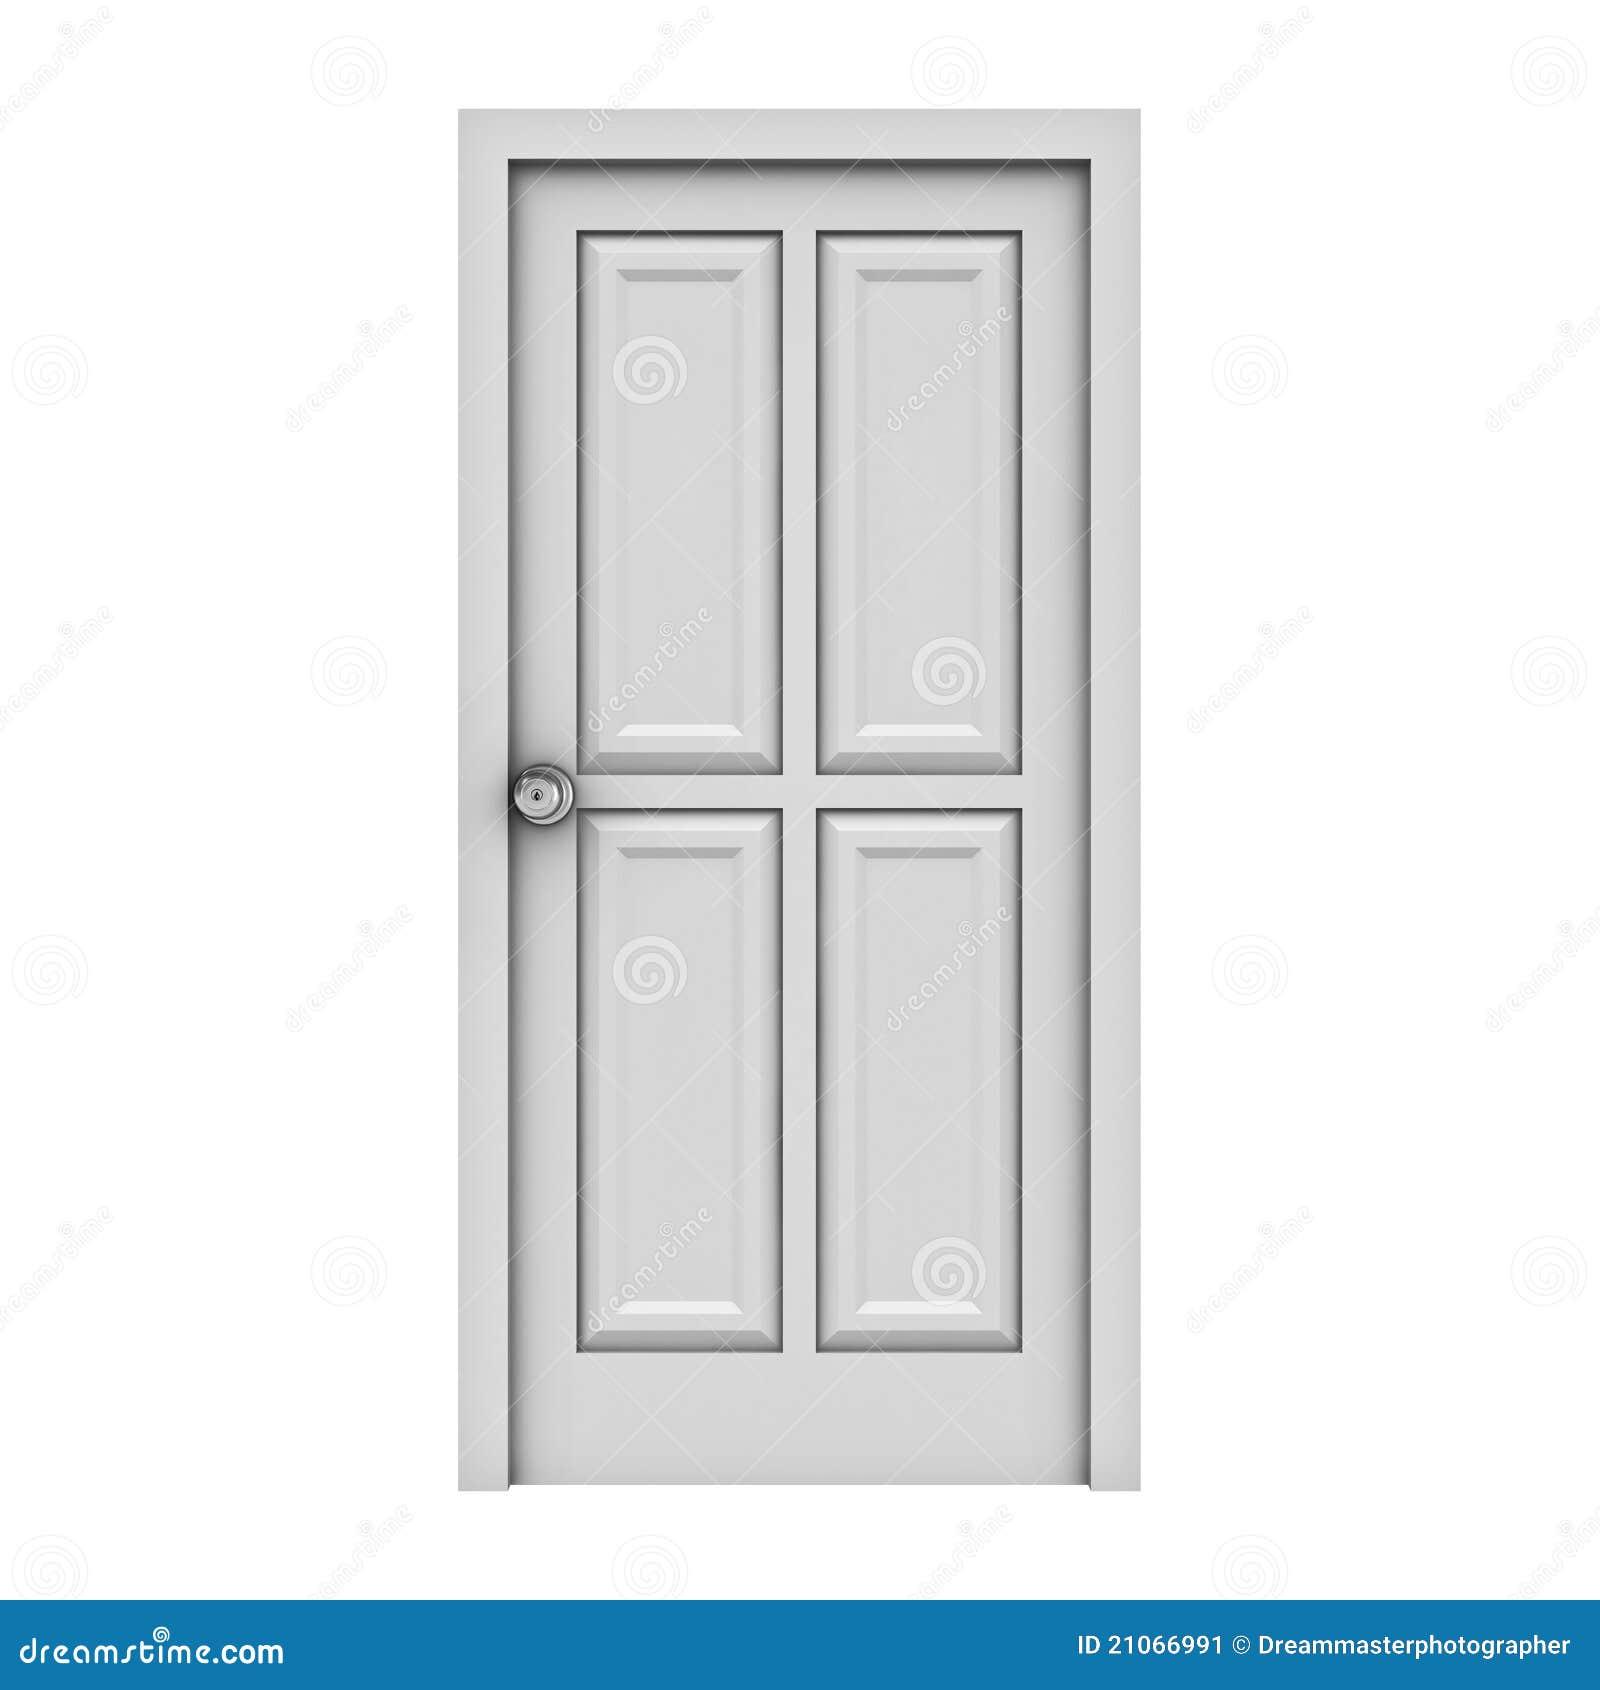 door isolated white